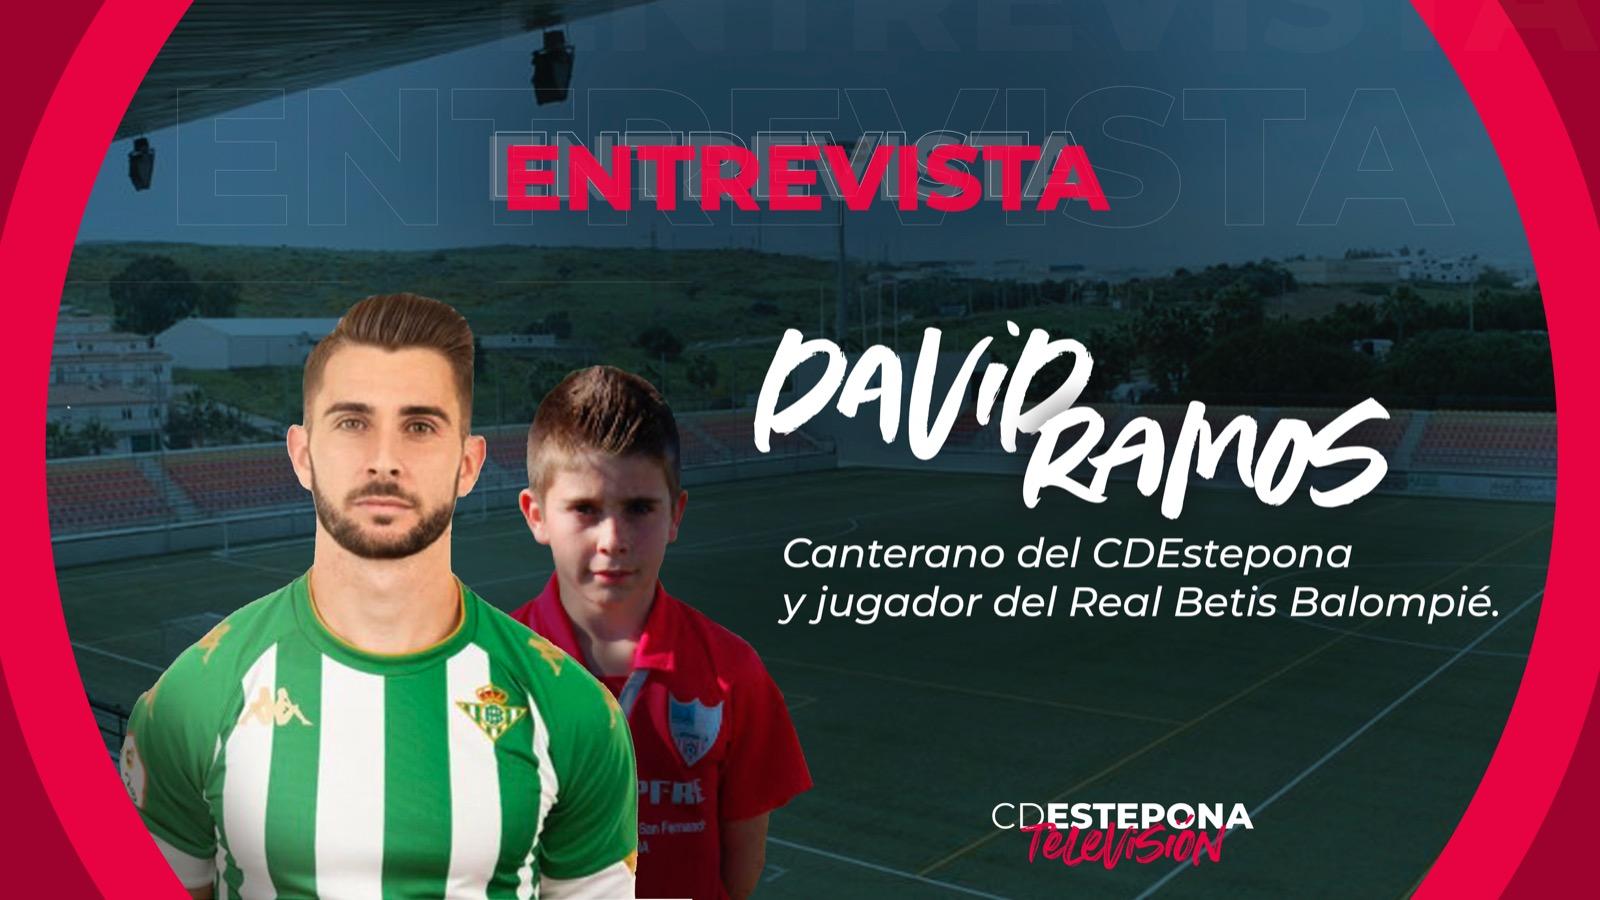 ENTREVISTA A DAVID RAMOS CANTERANO DEL ESTEPONA